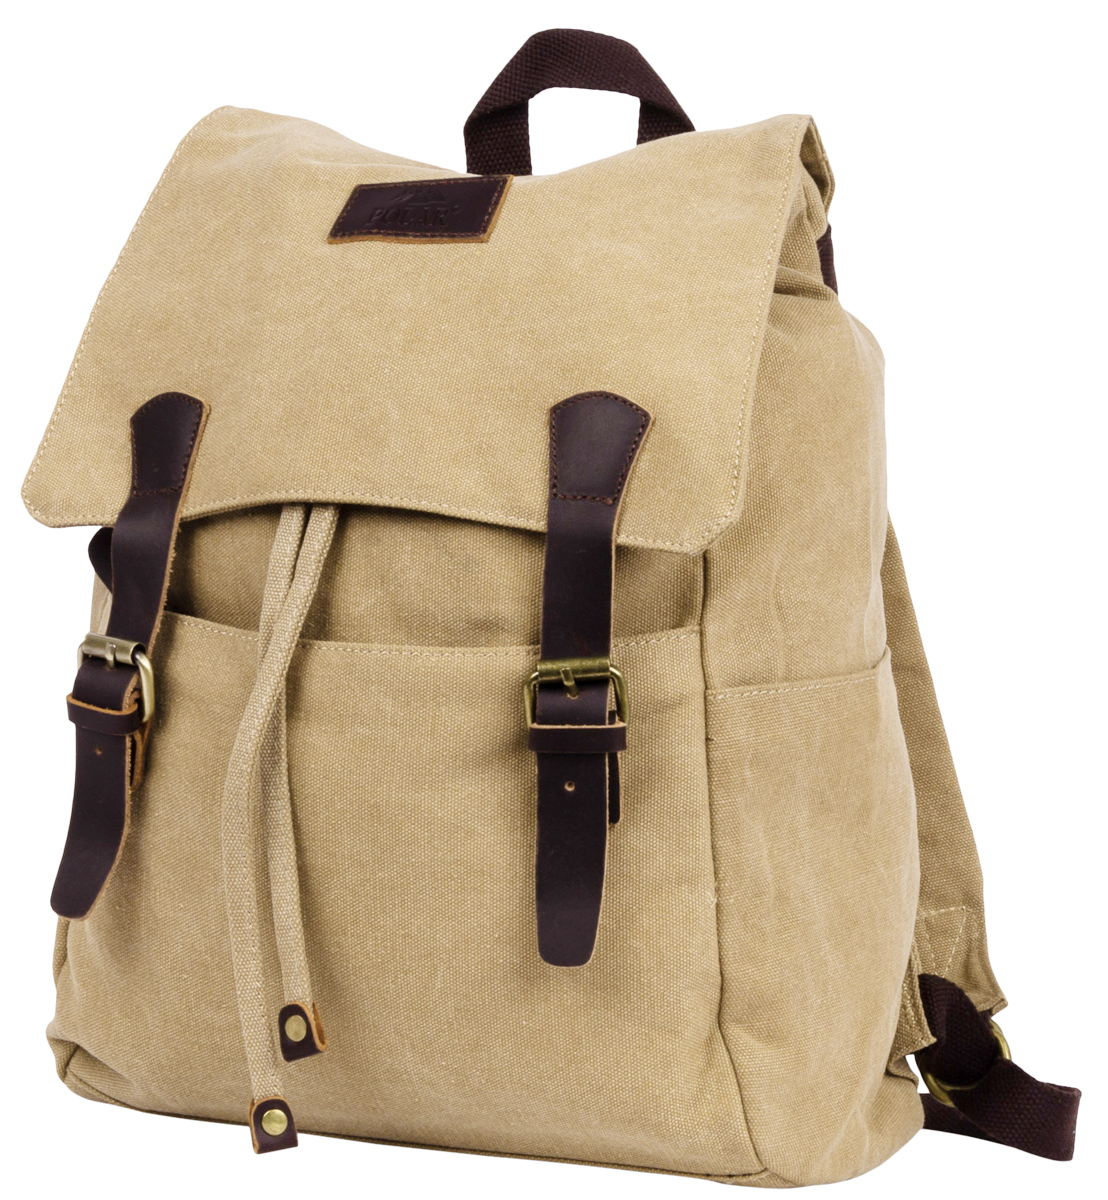 Рюкзак городской Polar Adventure, цвет: бежевый, 18,5 л. п3302-13 рюкзак городской polar 21 л цвет синий п955 04